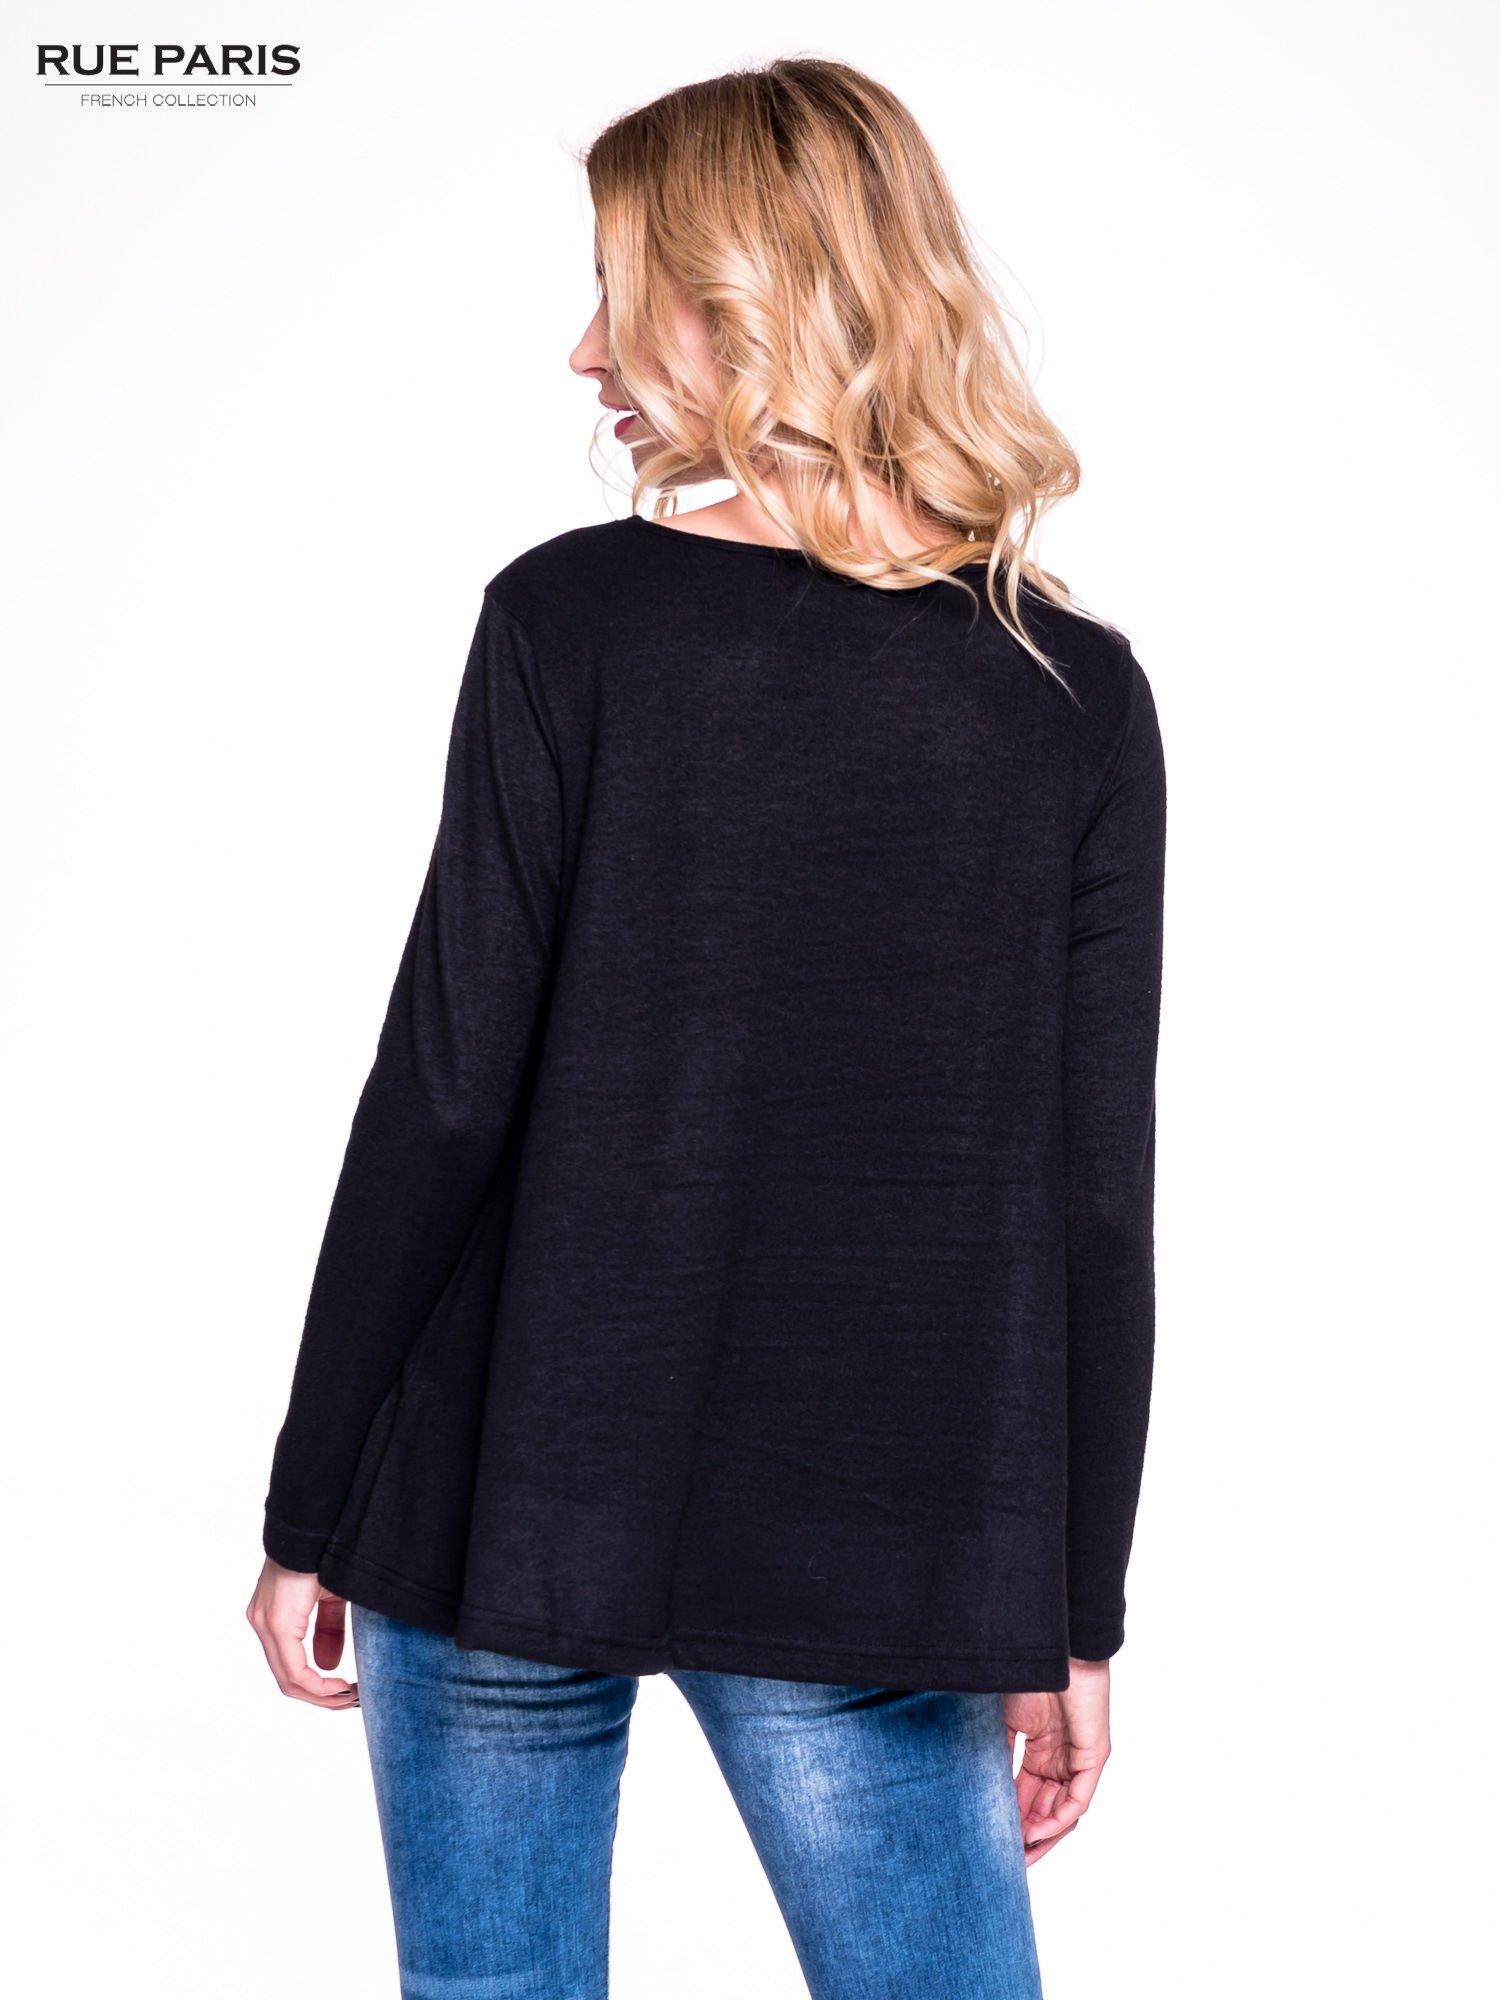 Czarny klasyczny sweterek                                  zdj.                                  4